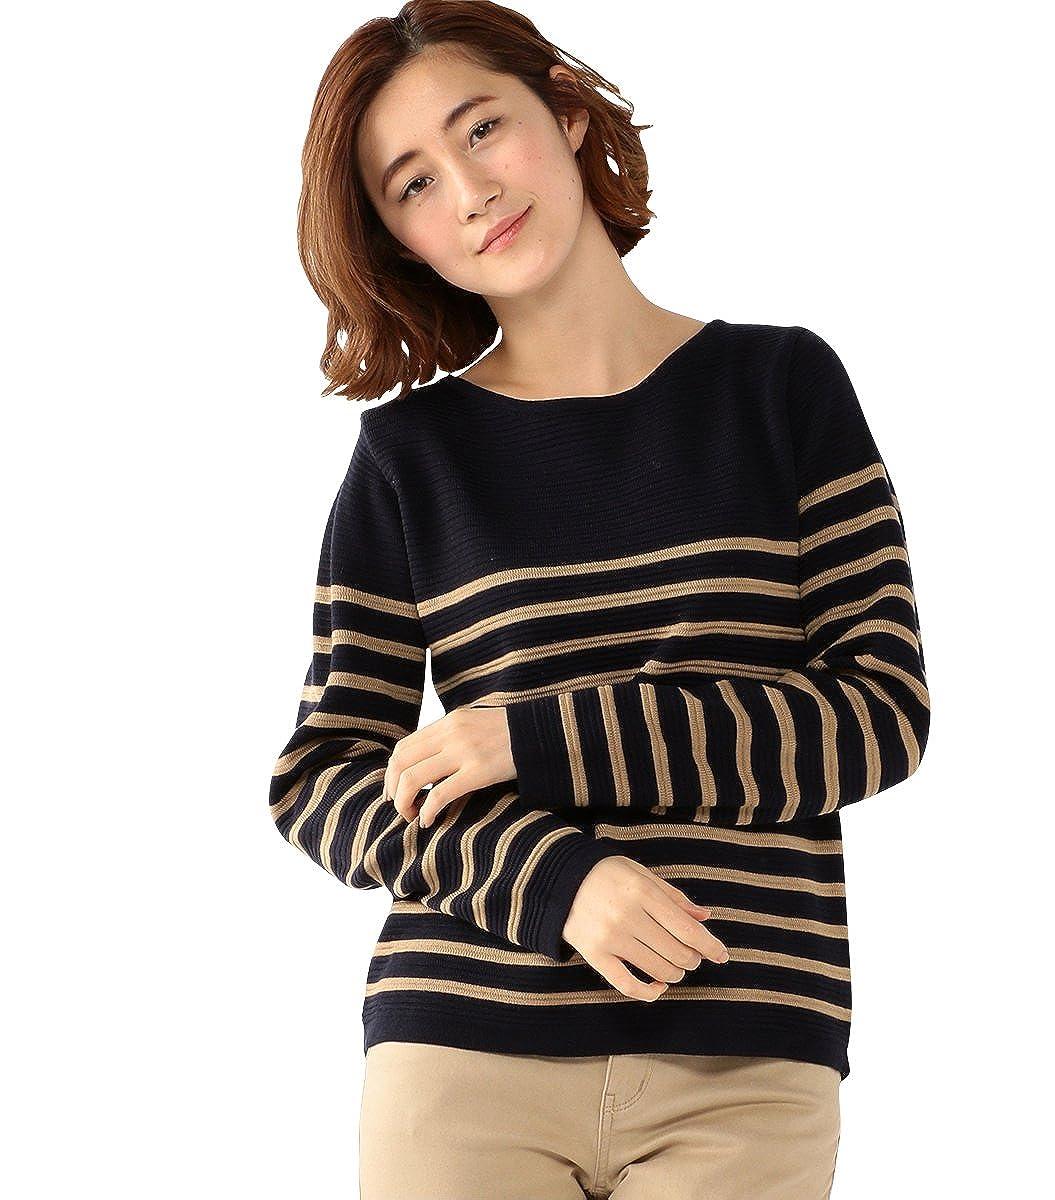 (ジボール)GIVORS ニットボーダープルオーバー : 服&ファッション小物通販 | Amazon.co.jp